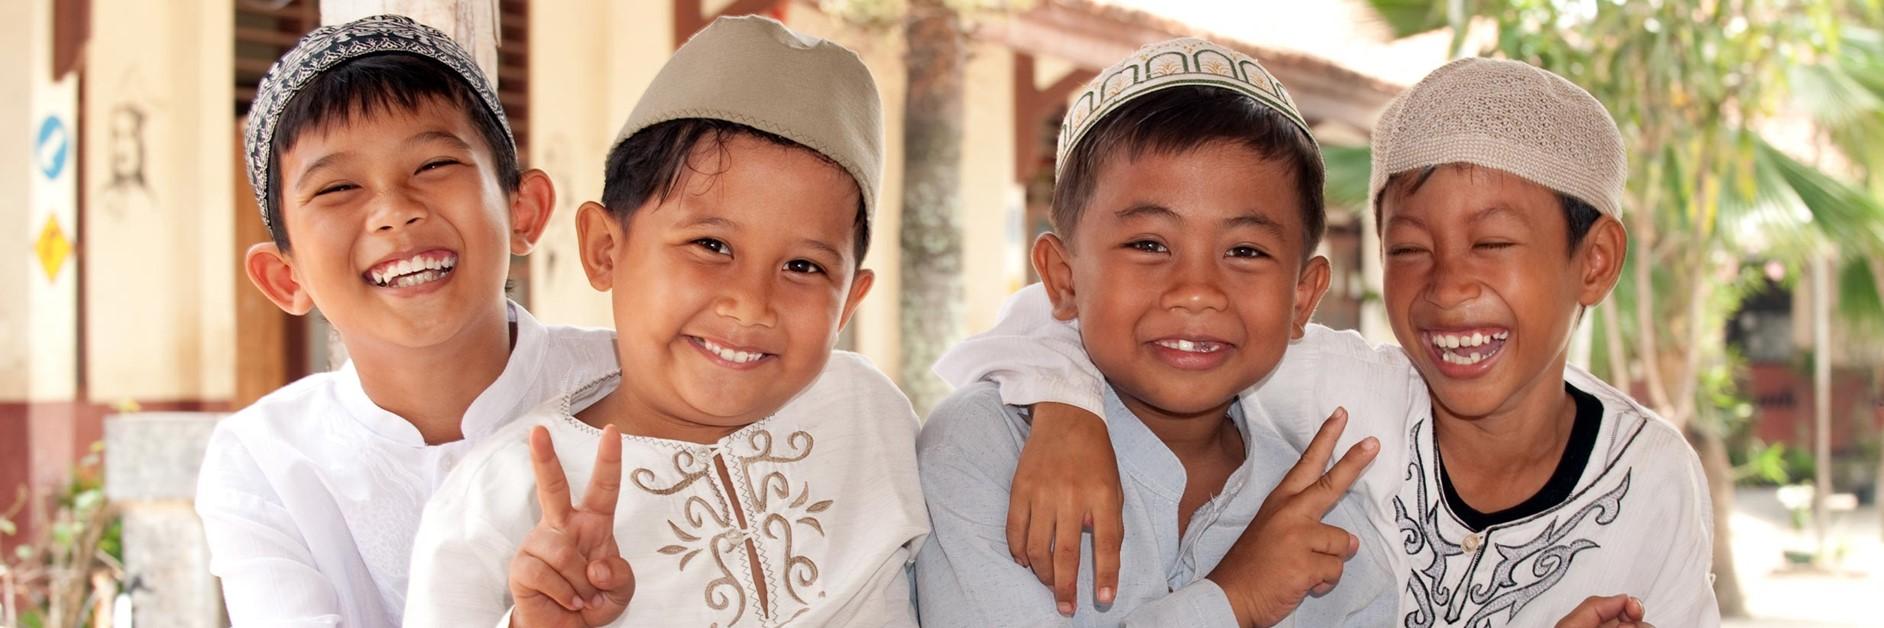 Ibu Harnik Orphanage Tolong Flores Foundation Indonesia